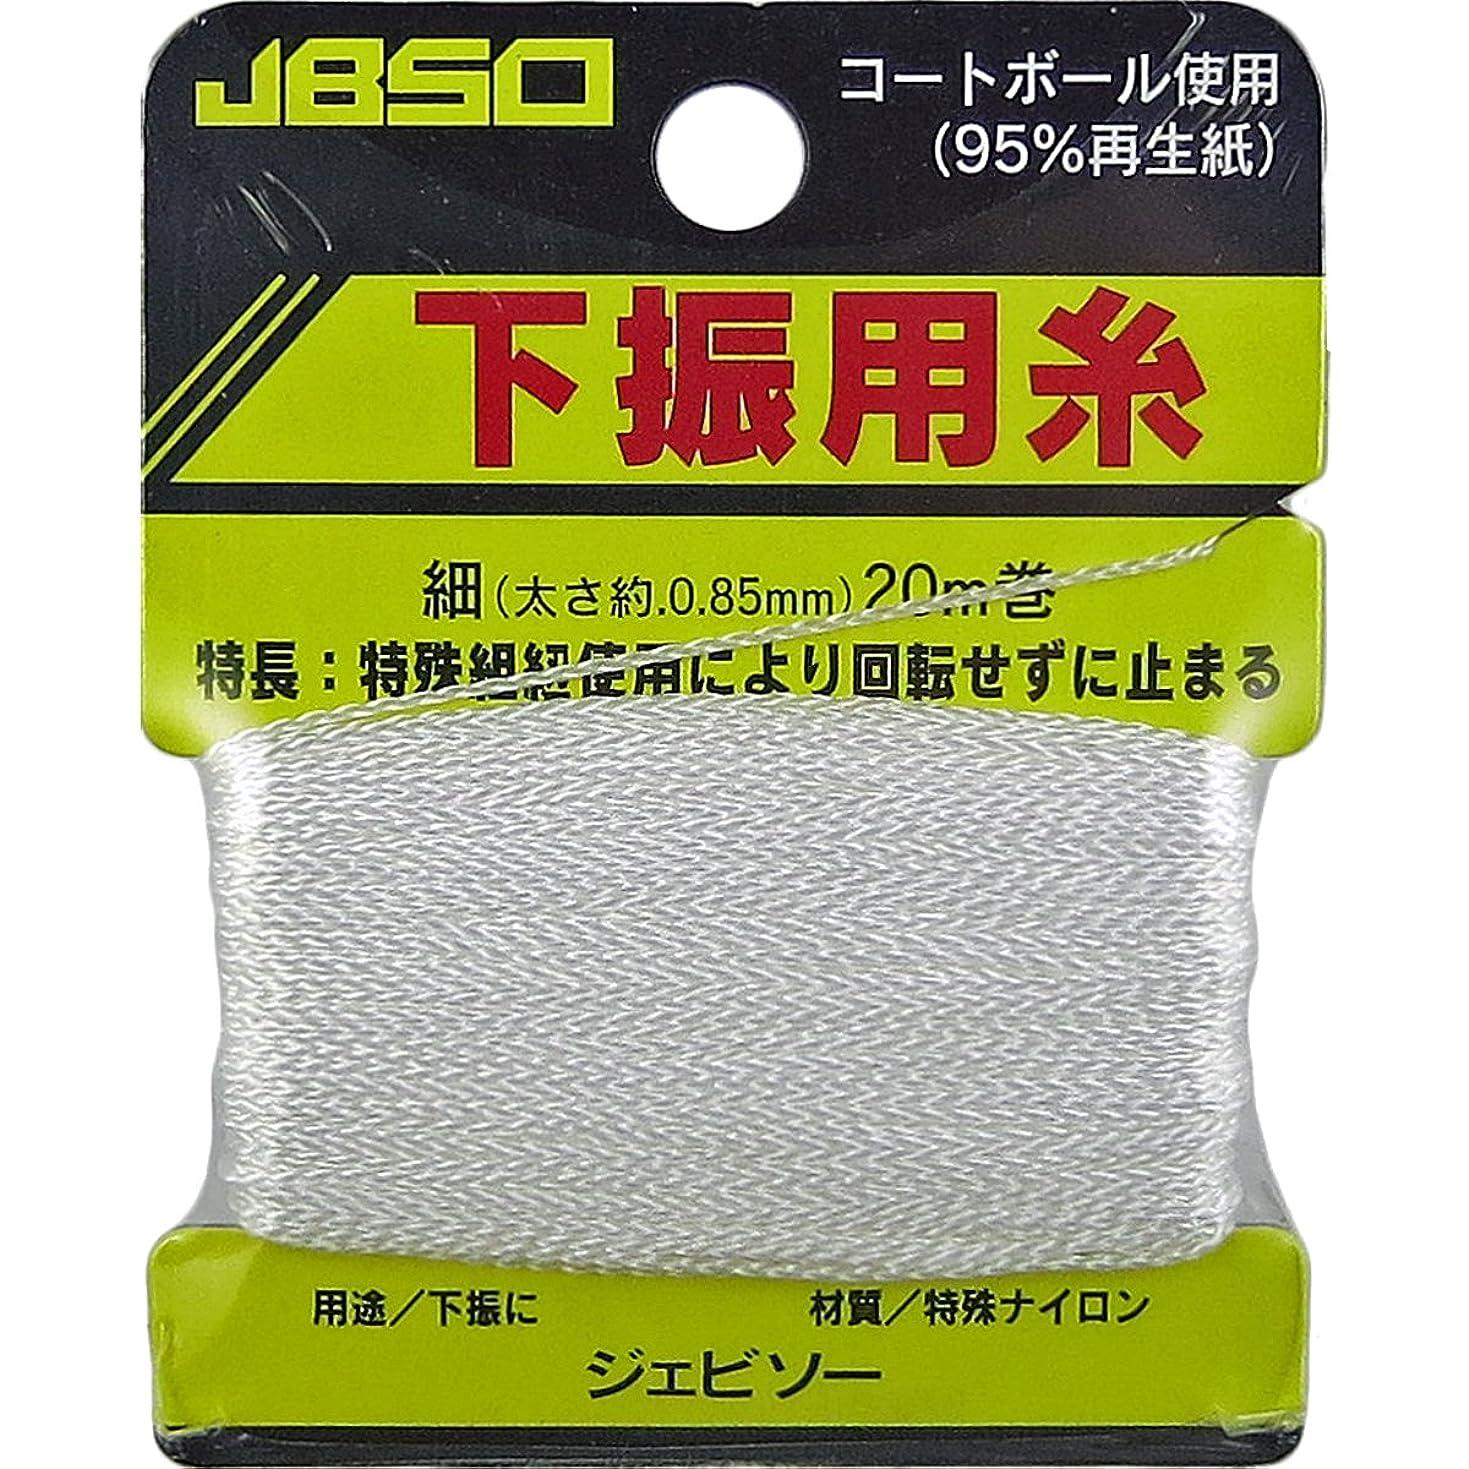 おかしいカレンダーマニュアルJBSO (ジェビソー) 下振り用糸 細 20m G-22001